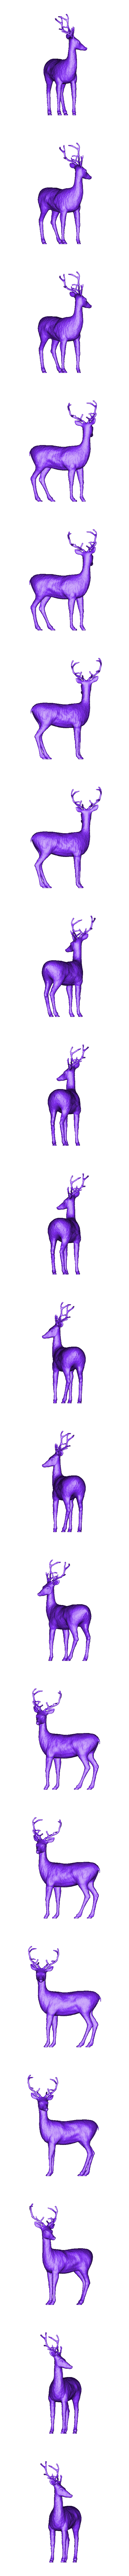 deer_soul3d.stl Télécharger fichier STL Chevreuil avec bois • Modèle à imprimer en 3D, SoulKim3D